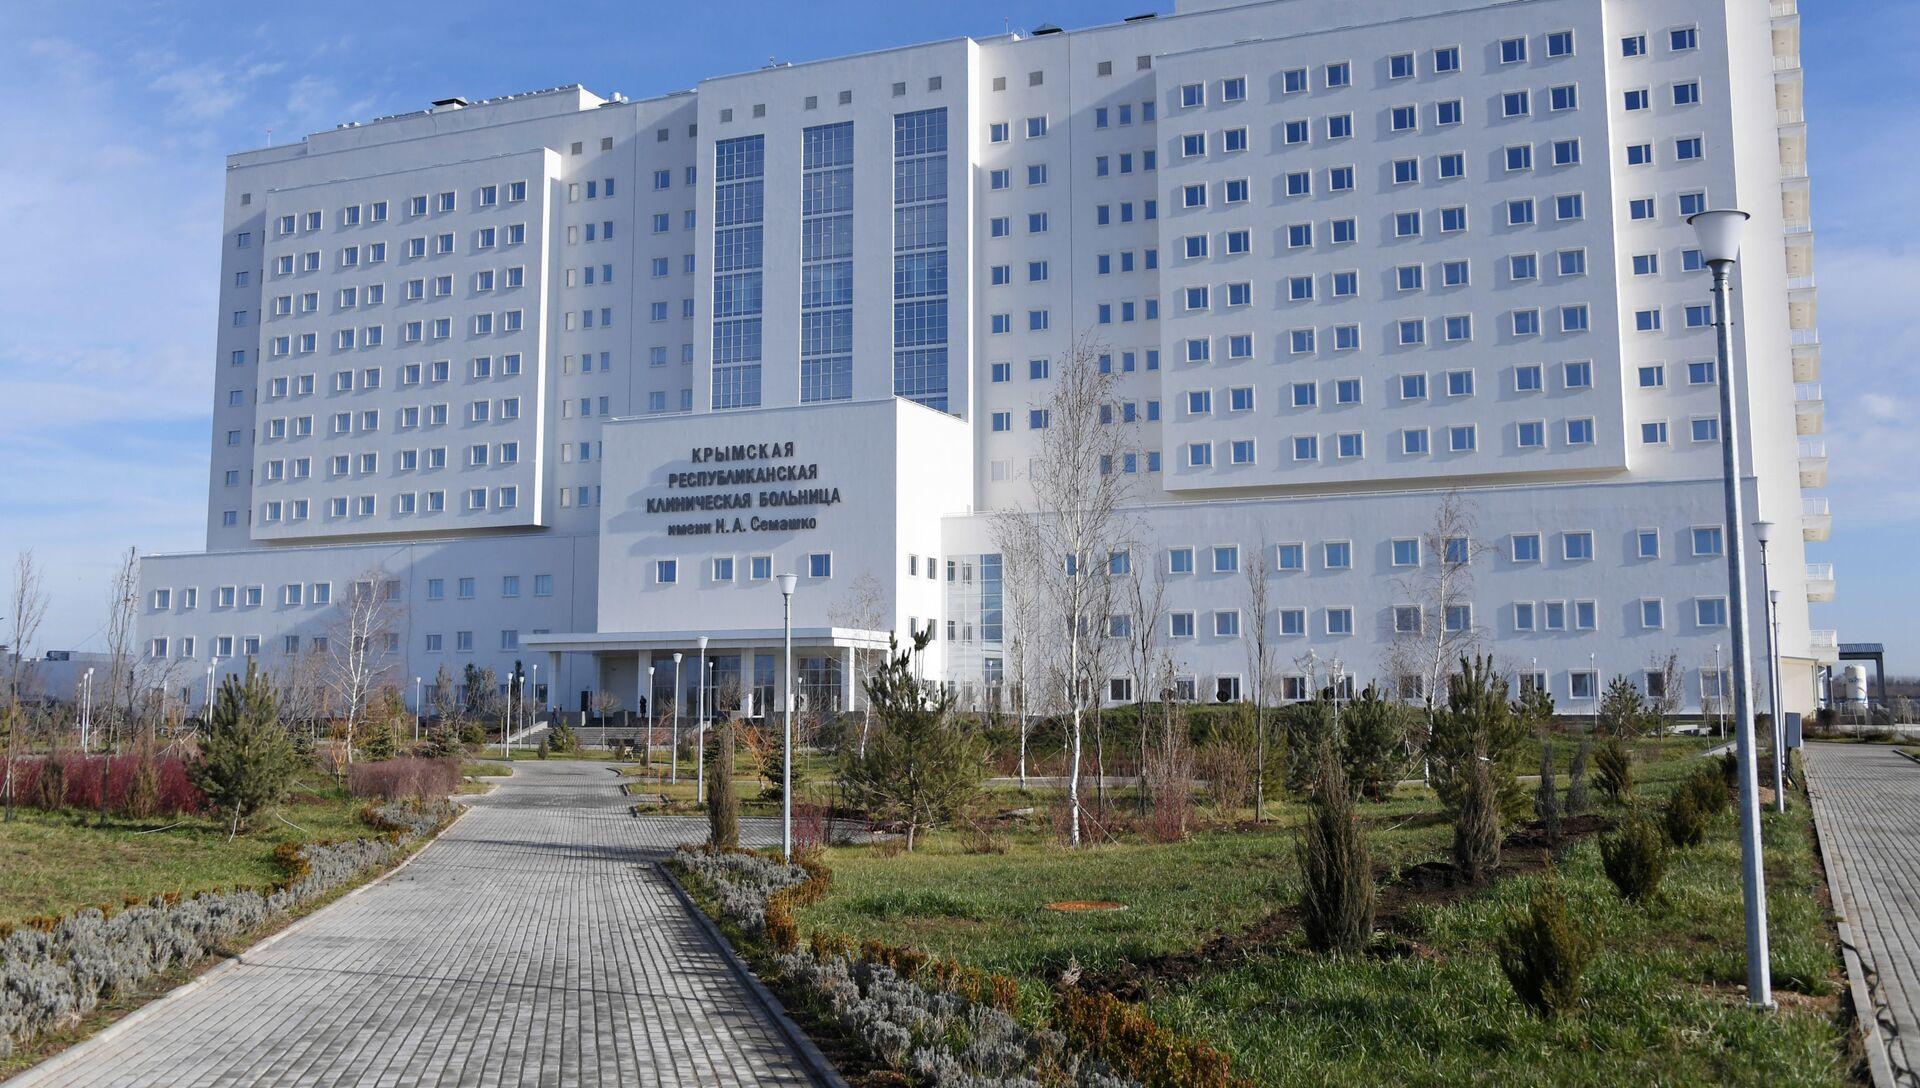 Республиканской больницы имени Семашко Симферополь  - РИА Новости, 1920, 18.12.2020